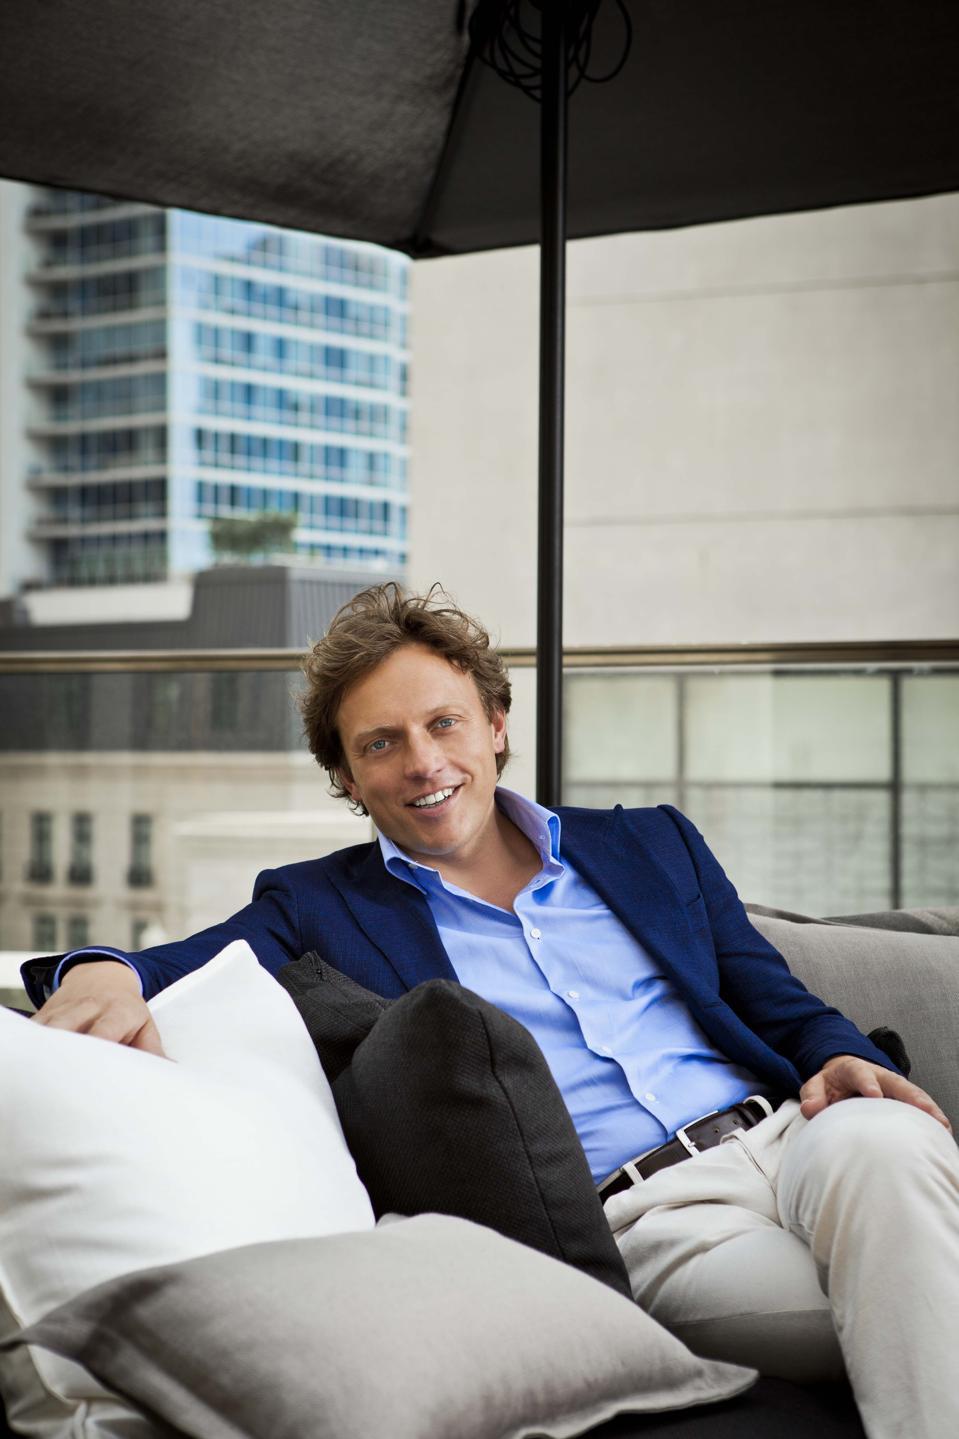 Fokke de Jong, CEO of Suitsupply